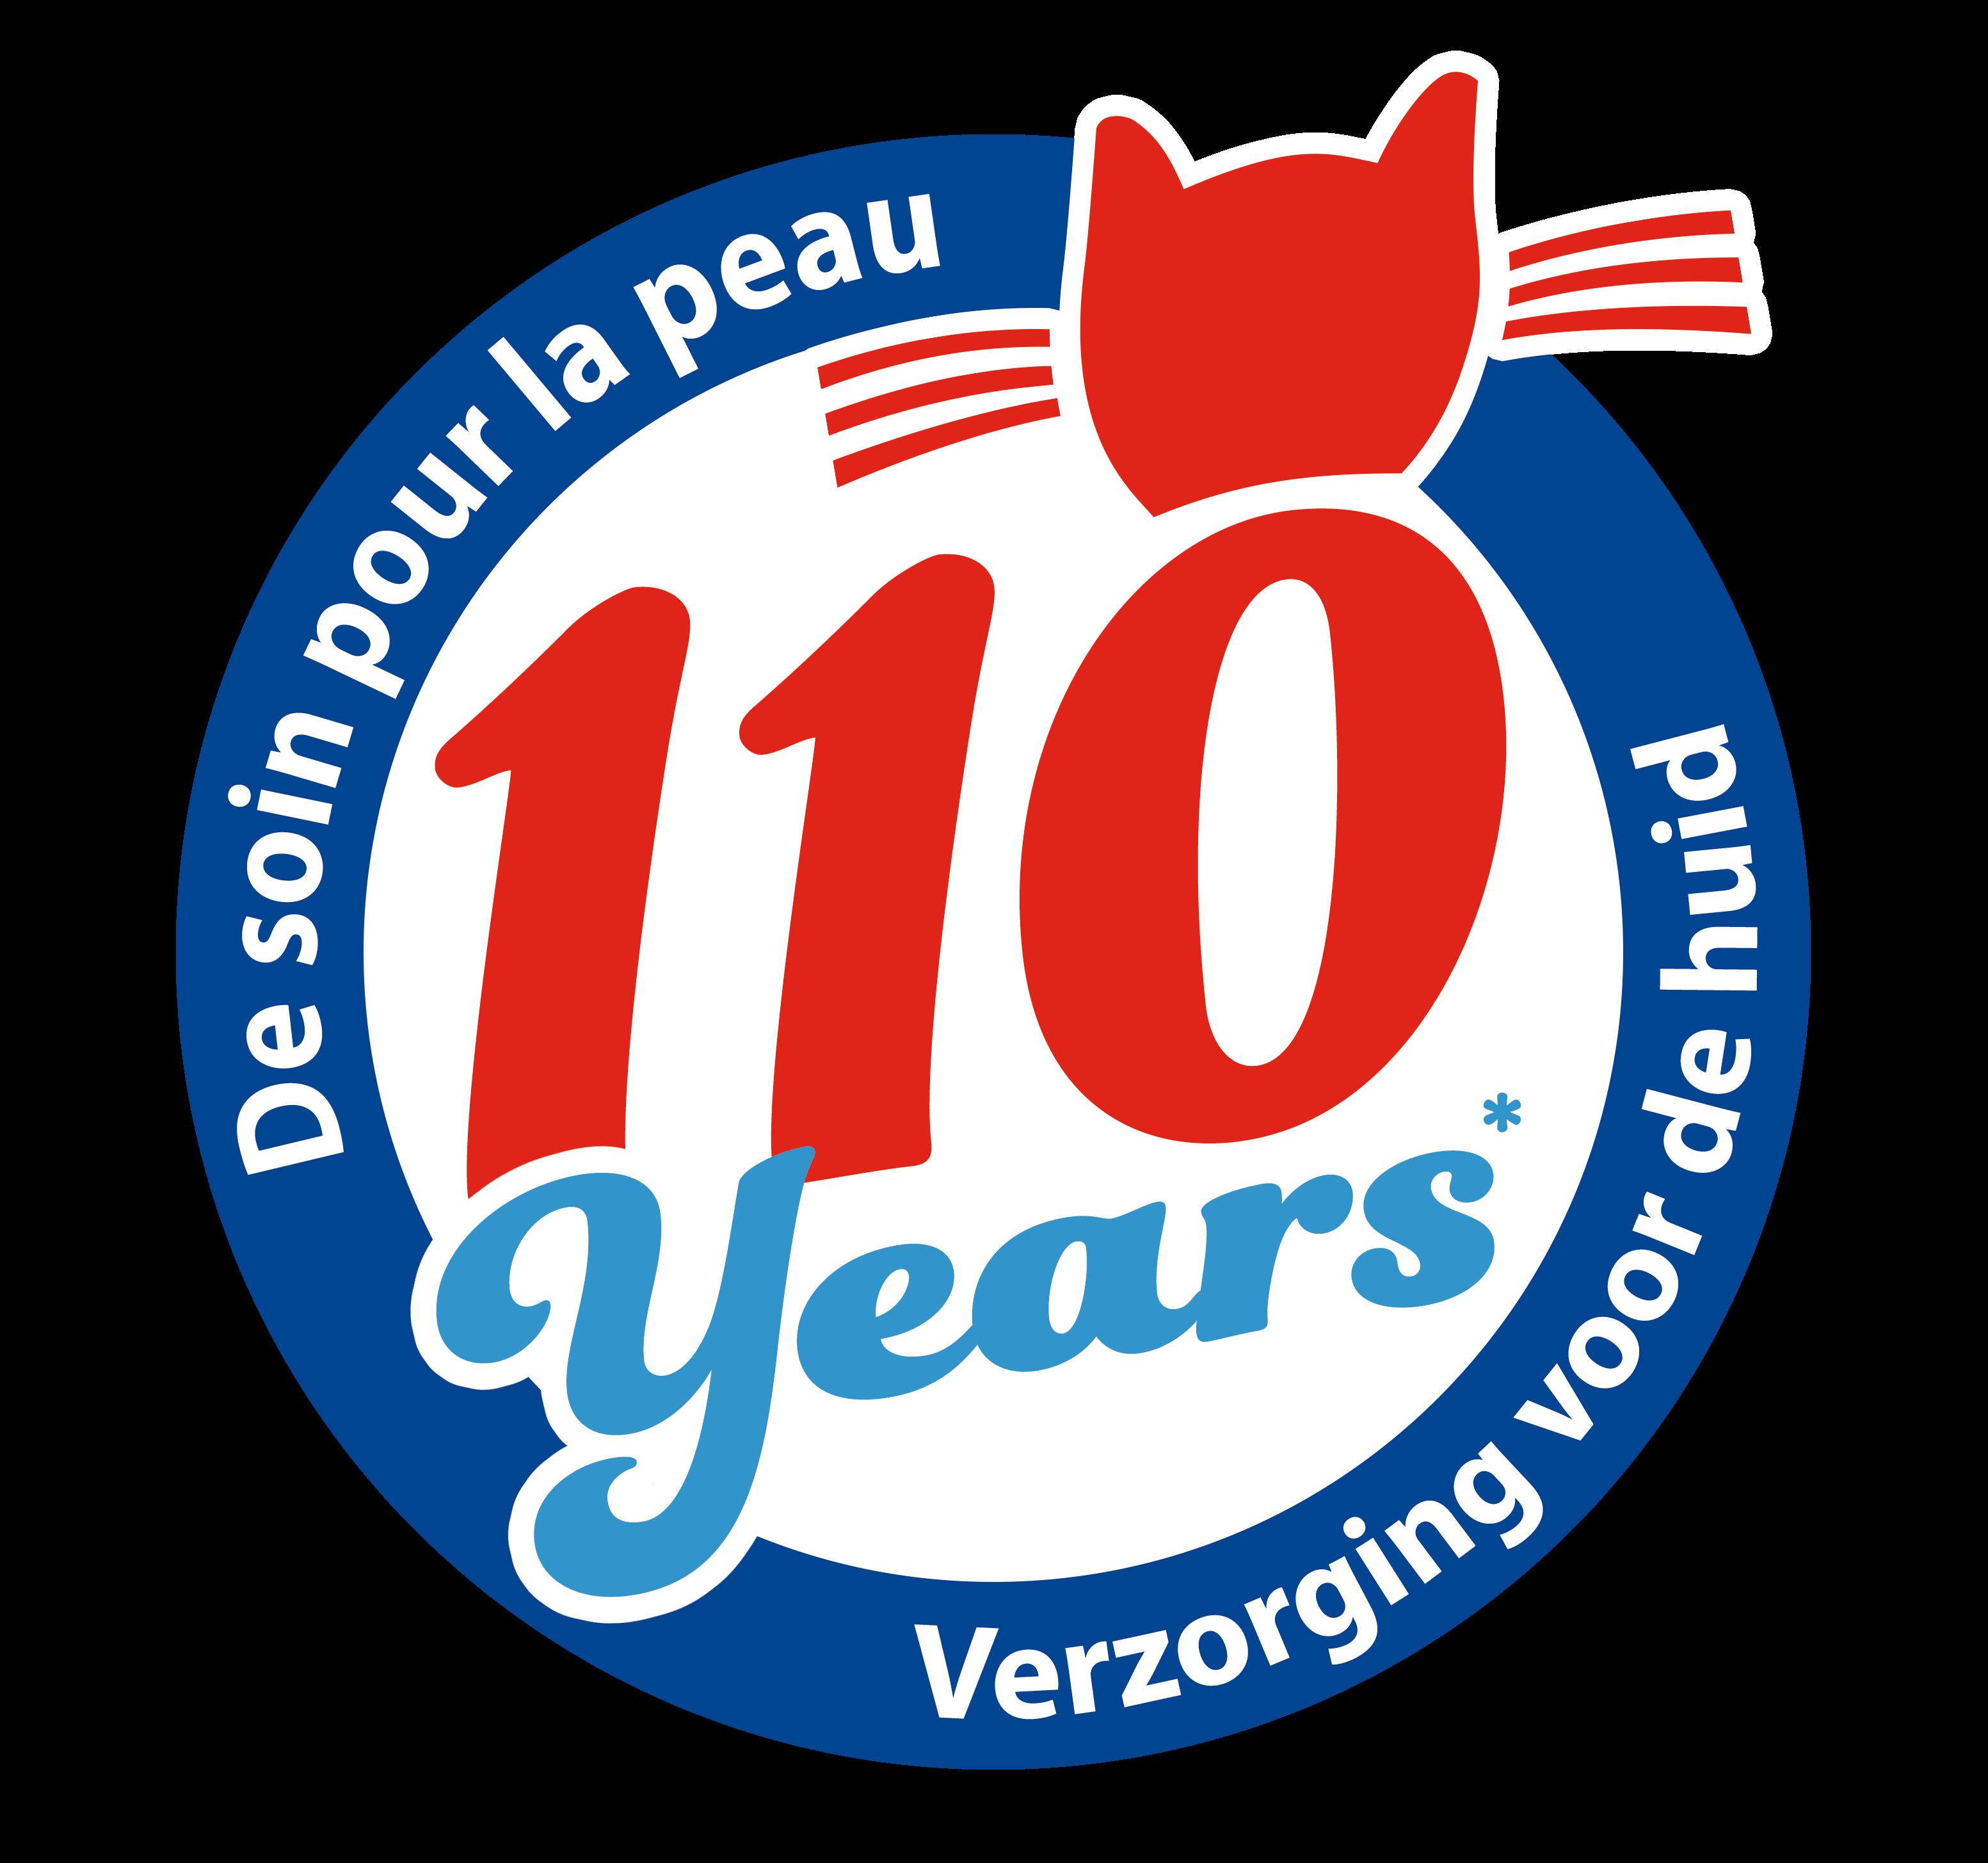 Logo la marque Le Chat lessive 110 ans